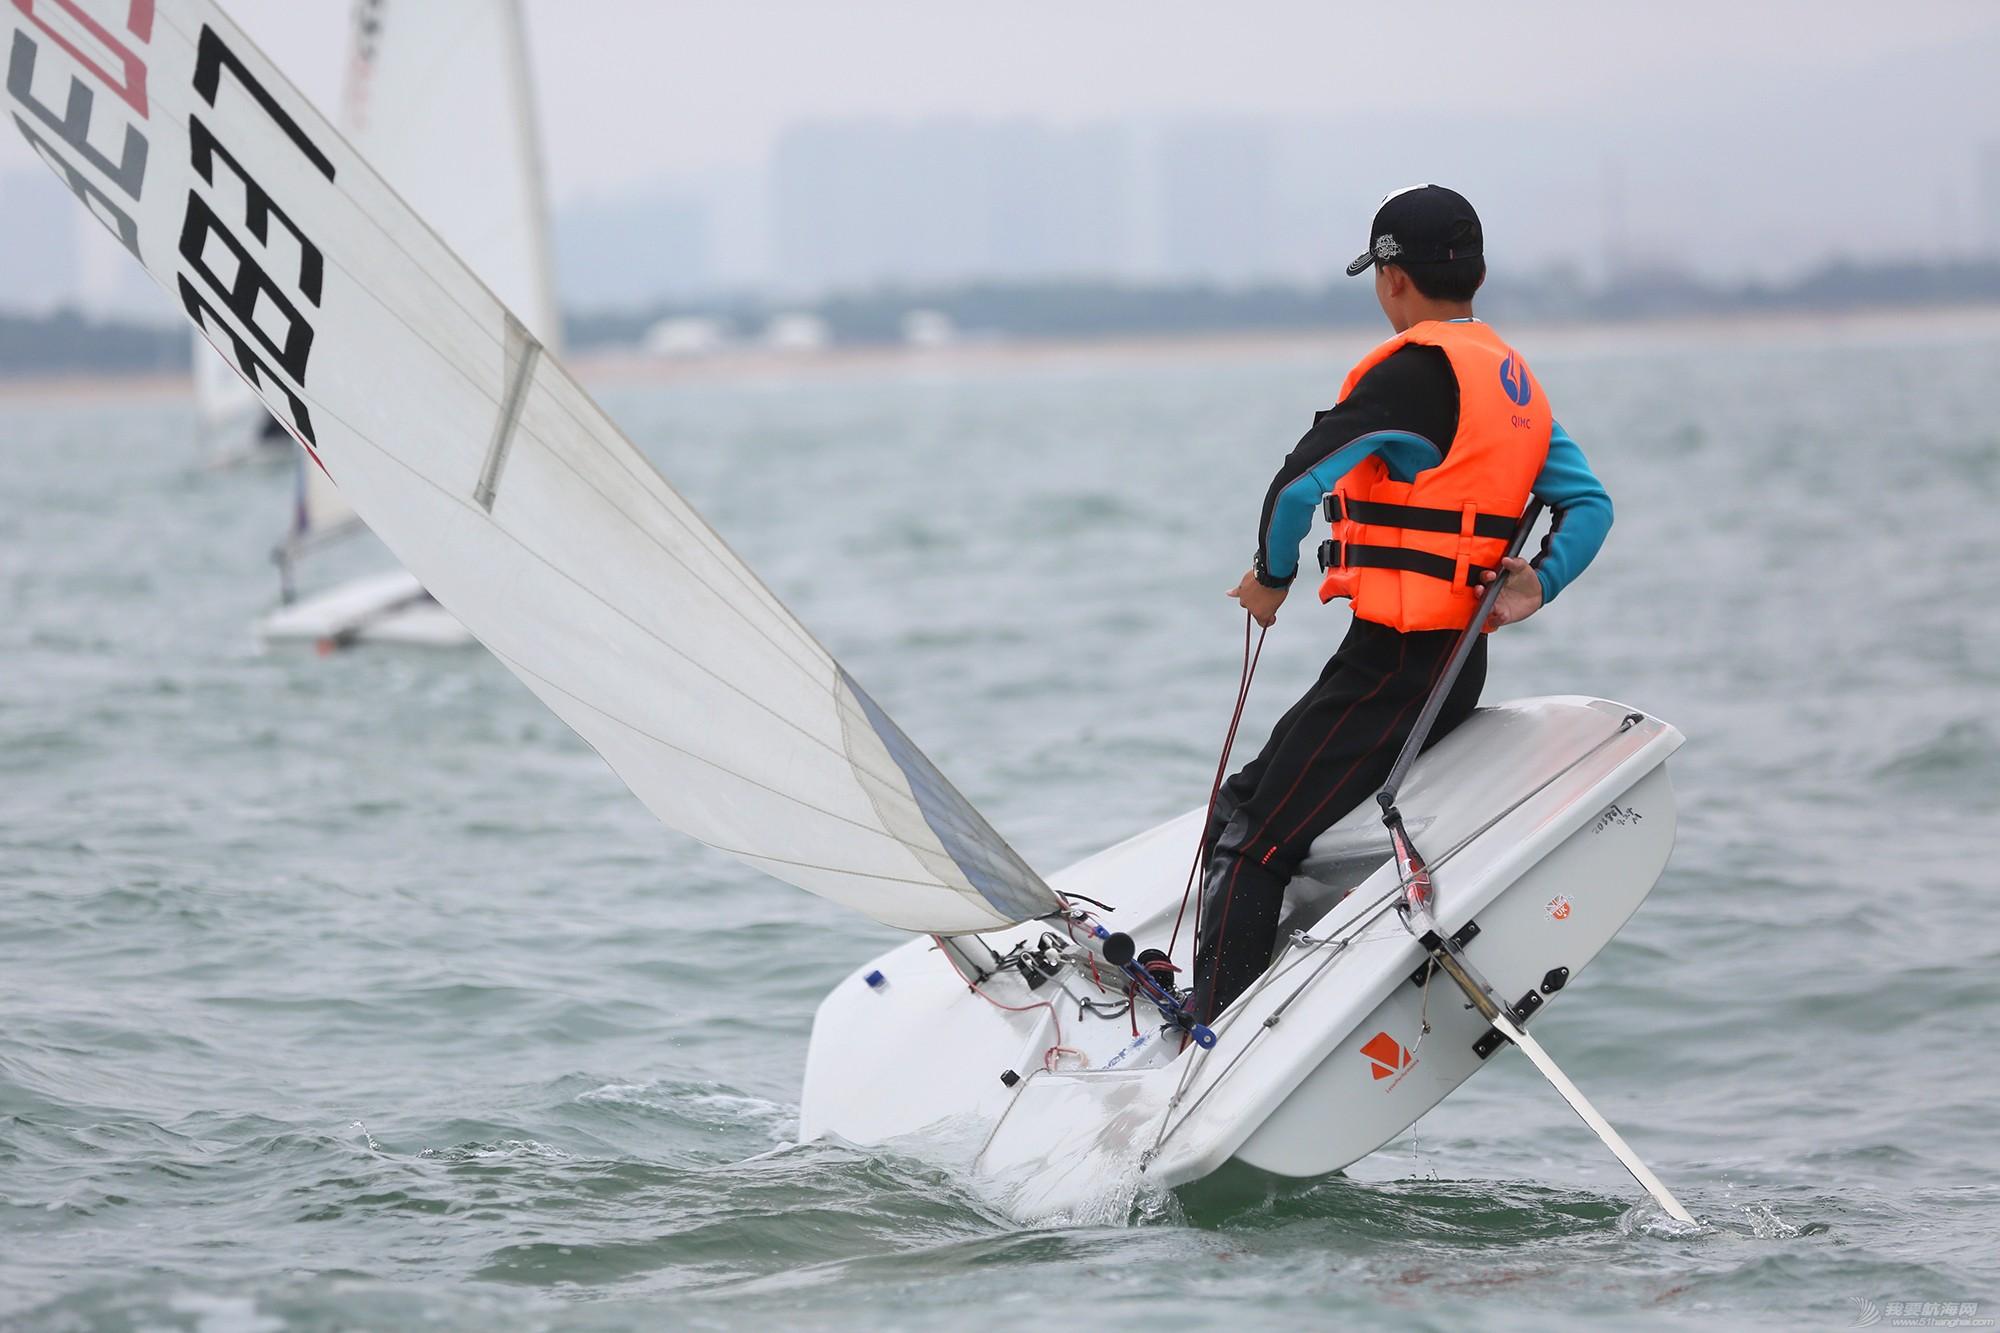 山东省,运动员,冠军赛,天气,帆板 风生水起,怎奈个个都是浪里白条——山东省帆船帆板冠军赛第二天赛况 5V8A3072副本.jpg